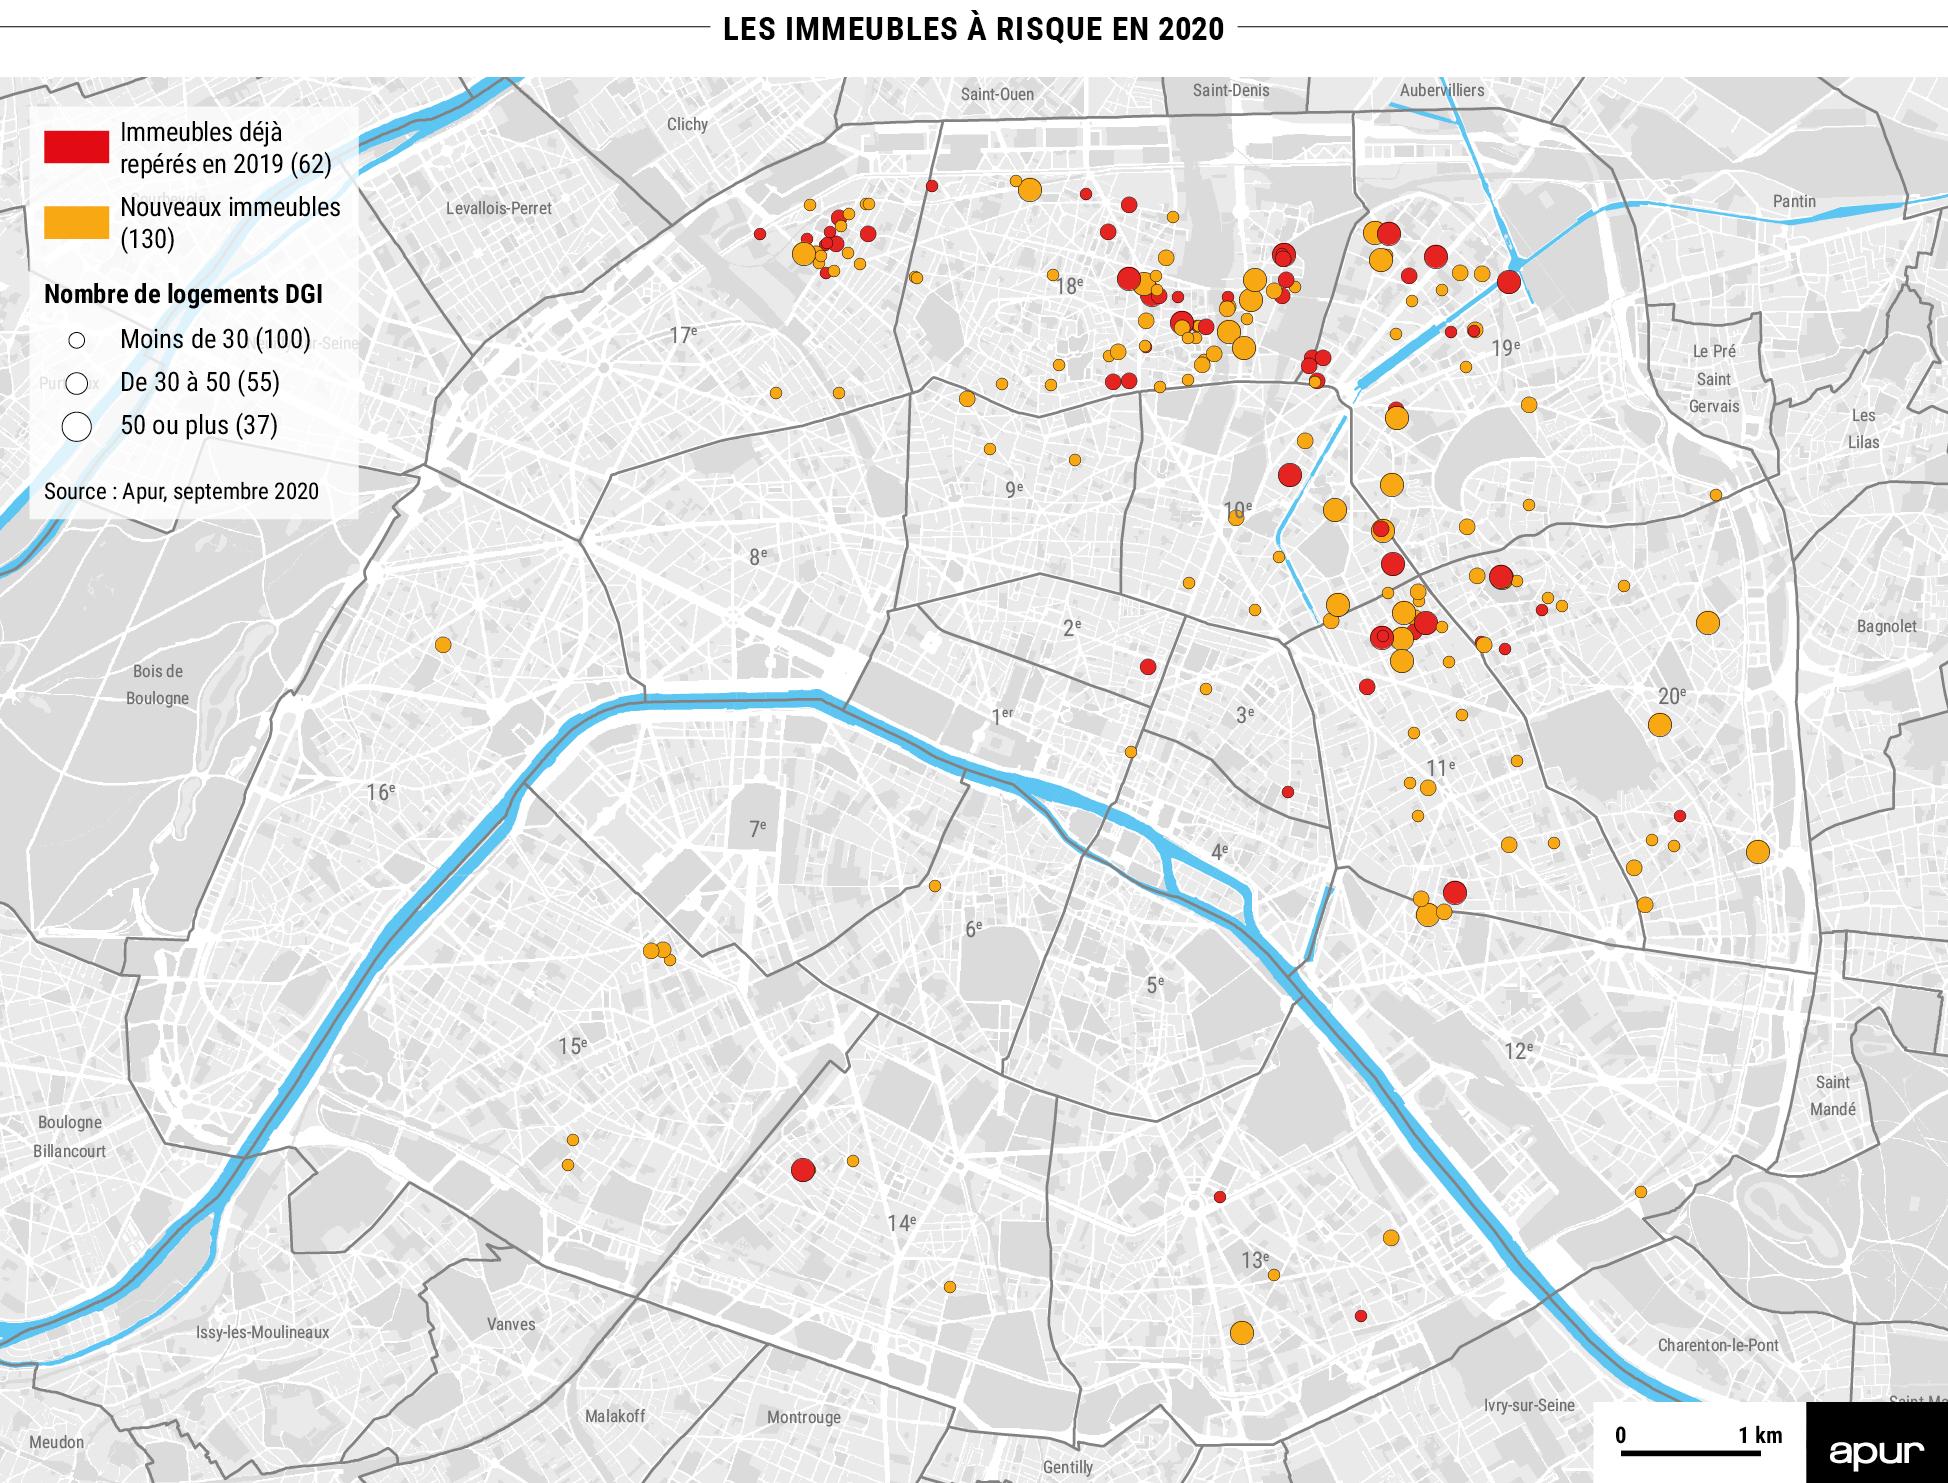 Les immeubles à risque en 2020 à Paris © Apur